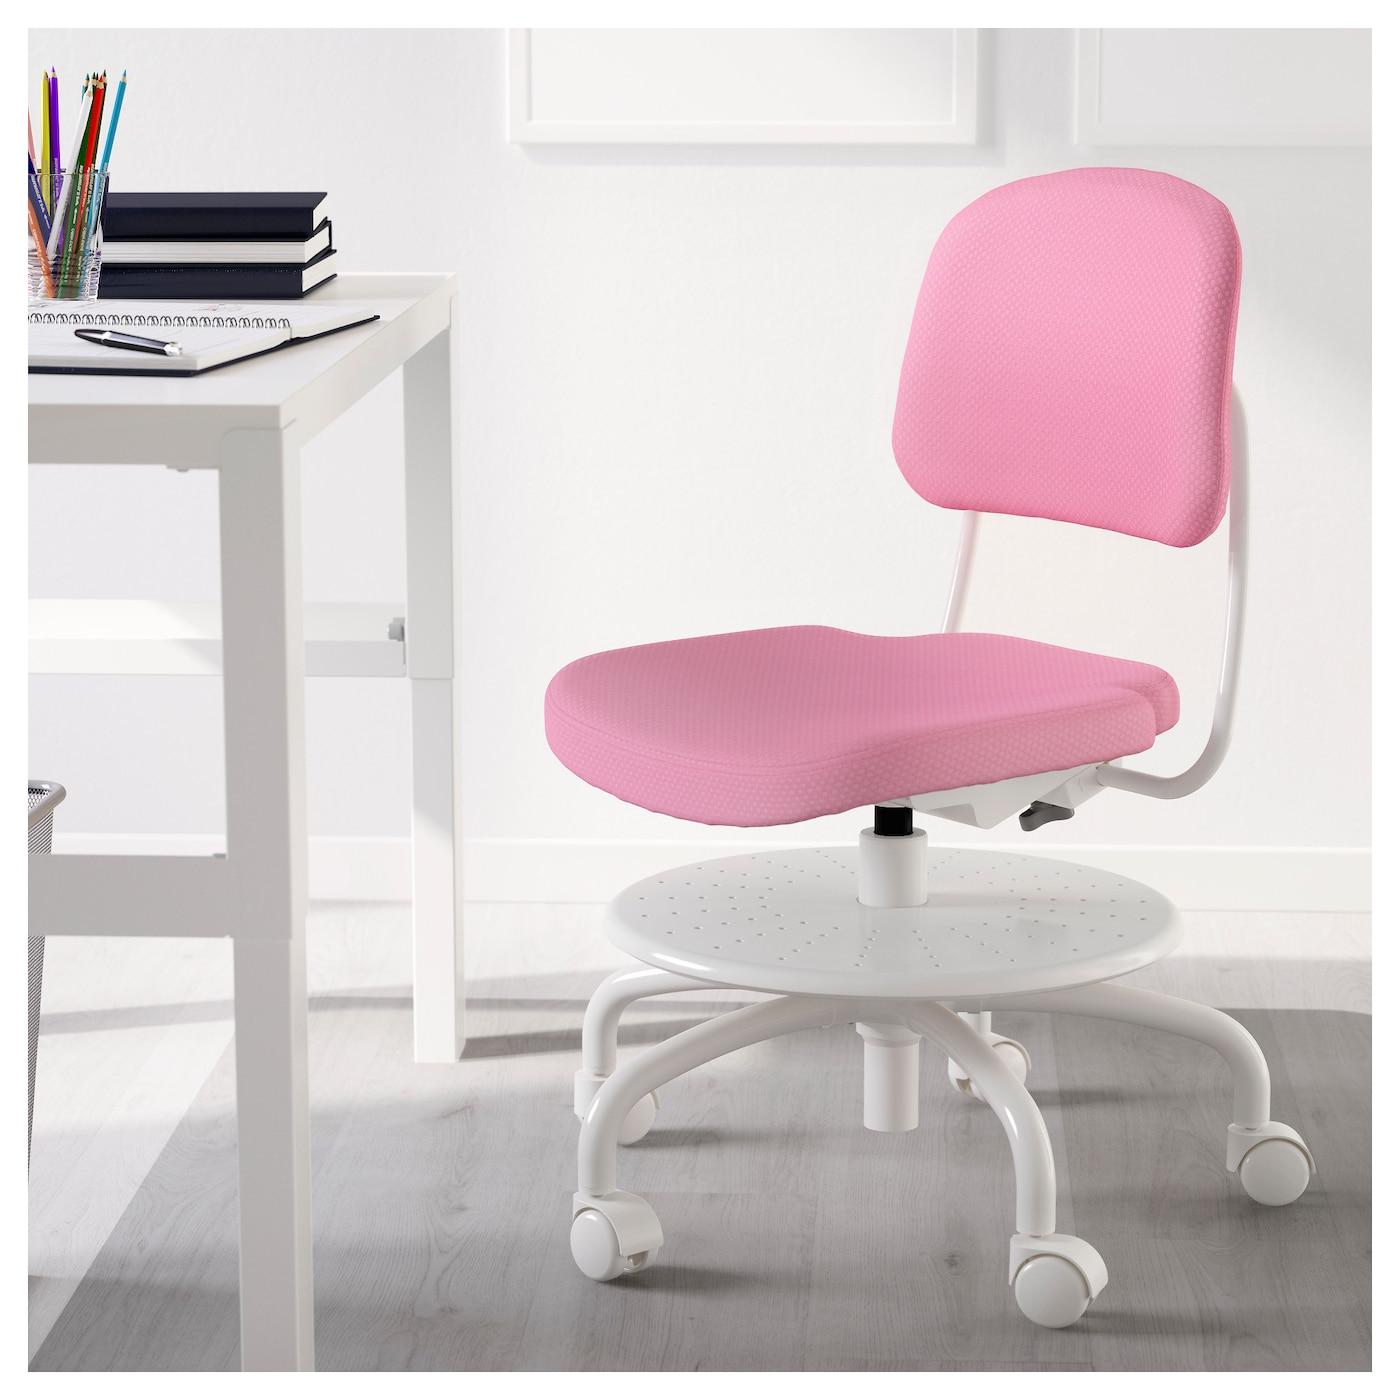 Vimund silla escritorio ni o rosa ikea - Silla ergonomica ikea ...